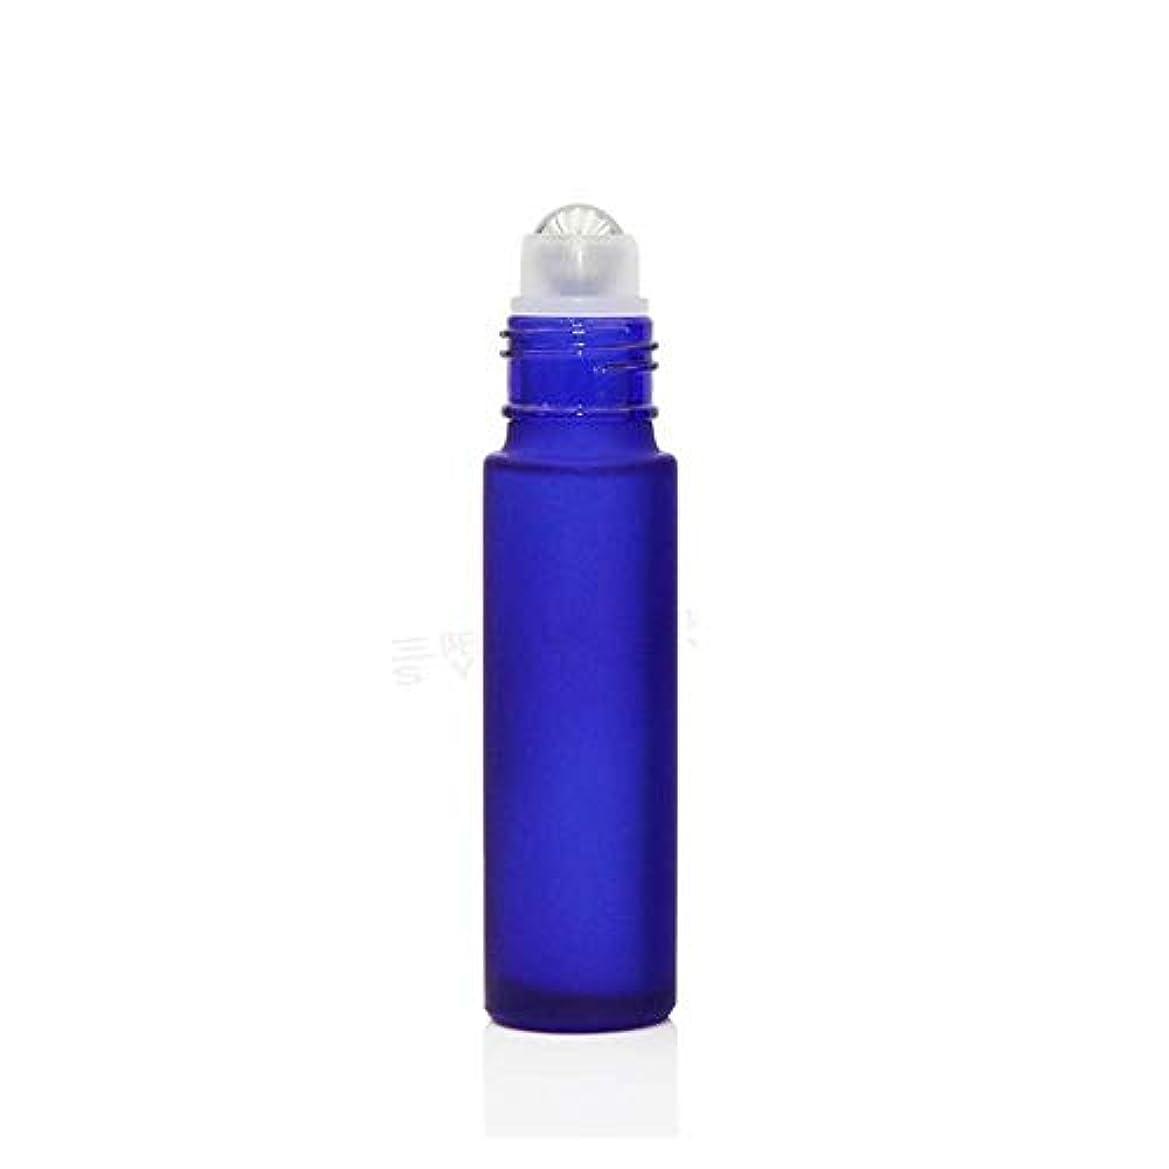 改修割る仕事gundoop ロールオンボトル アロマオイル 精油 小分け用 遮光瓶 10ml 10本セット ガラスロールタイプ (ブルー)